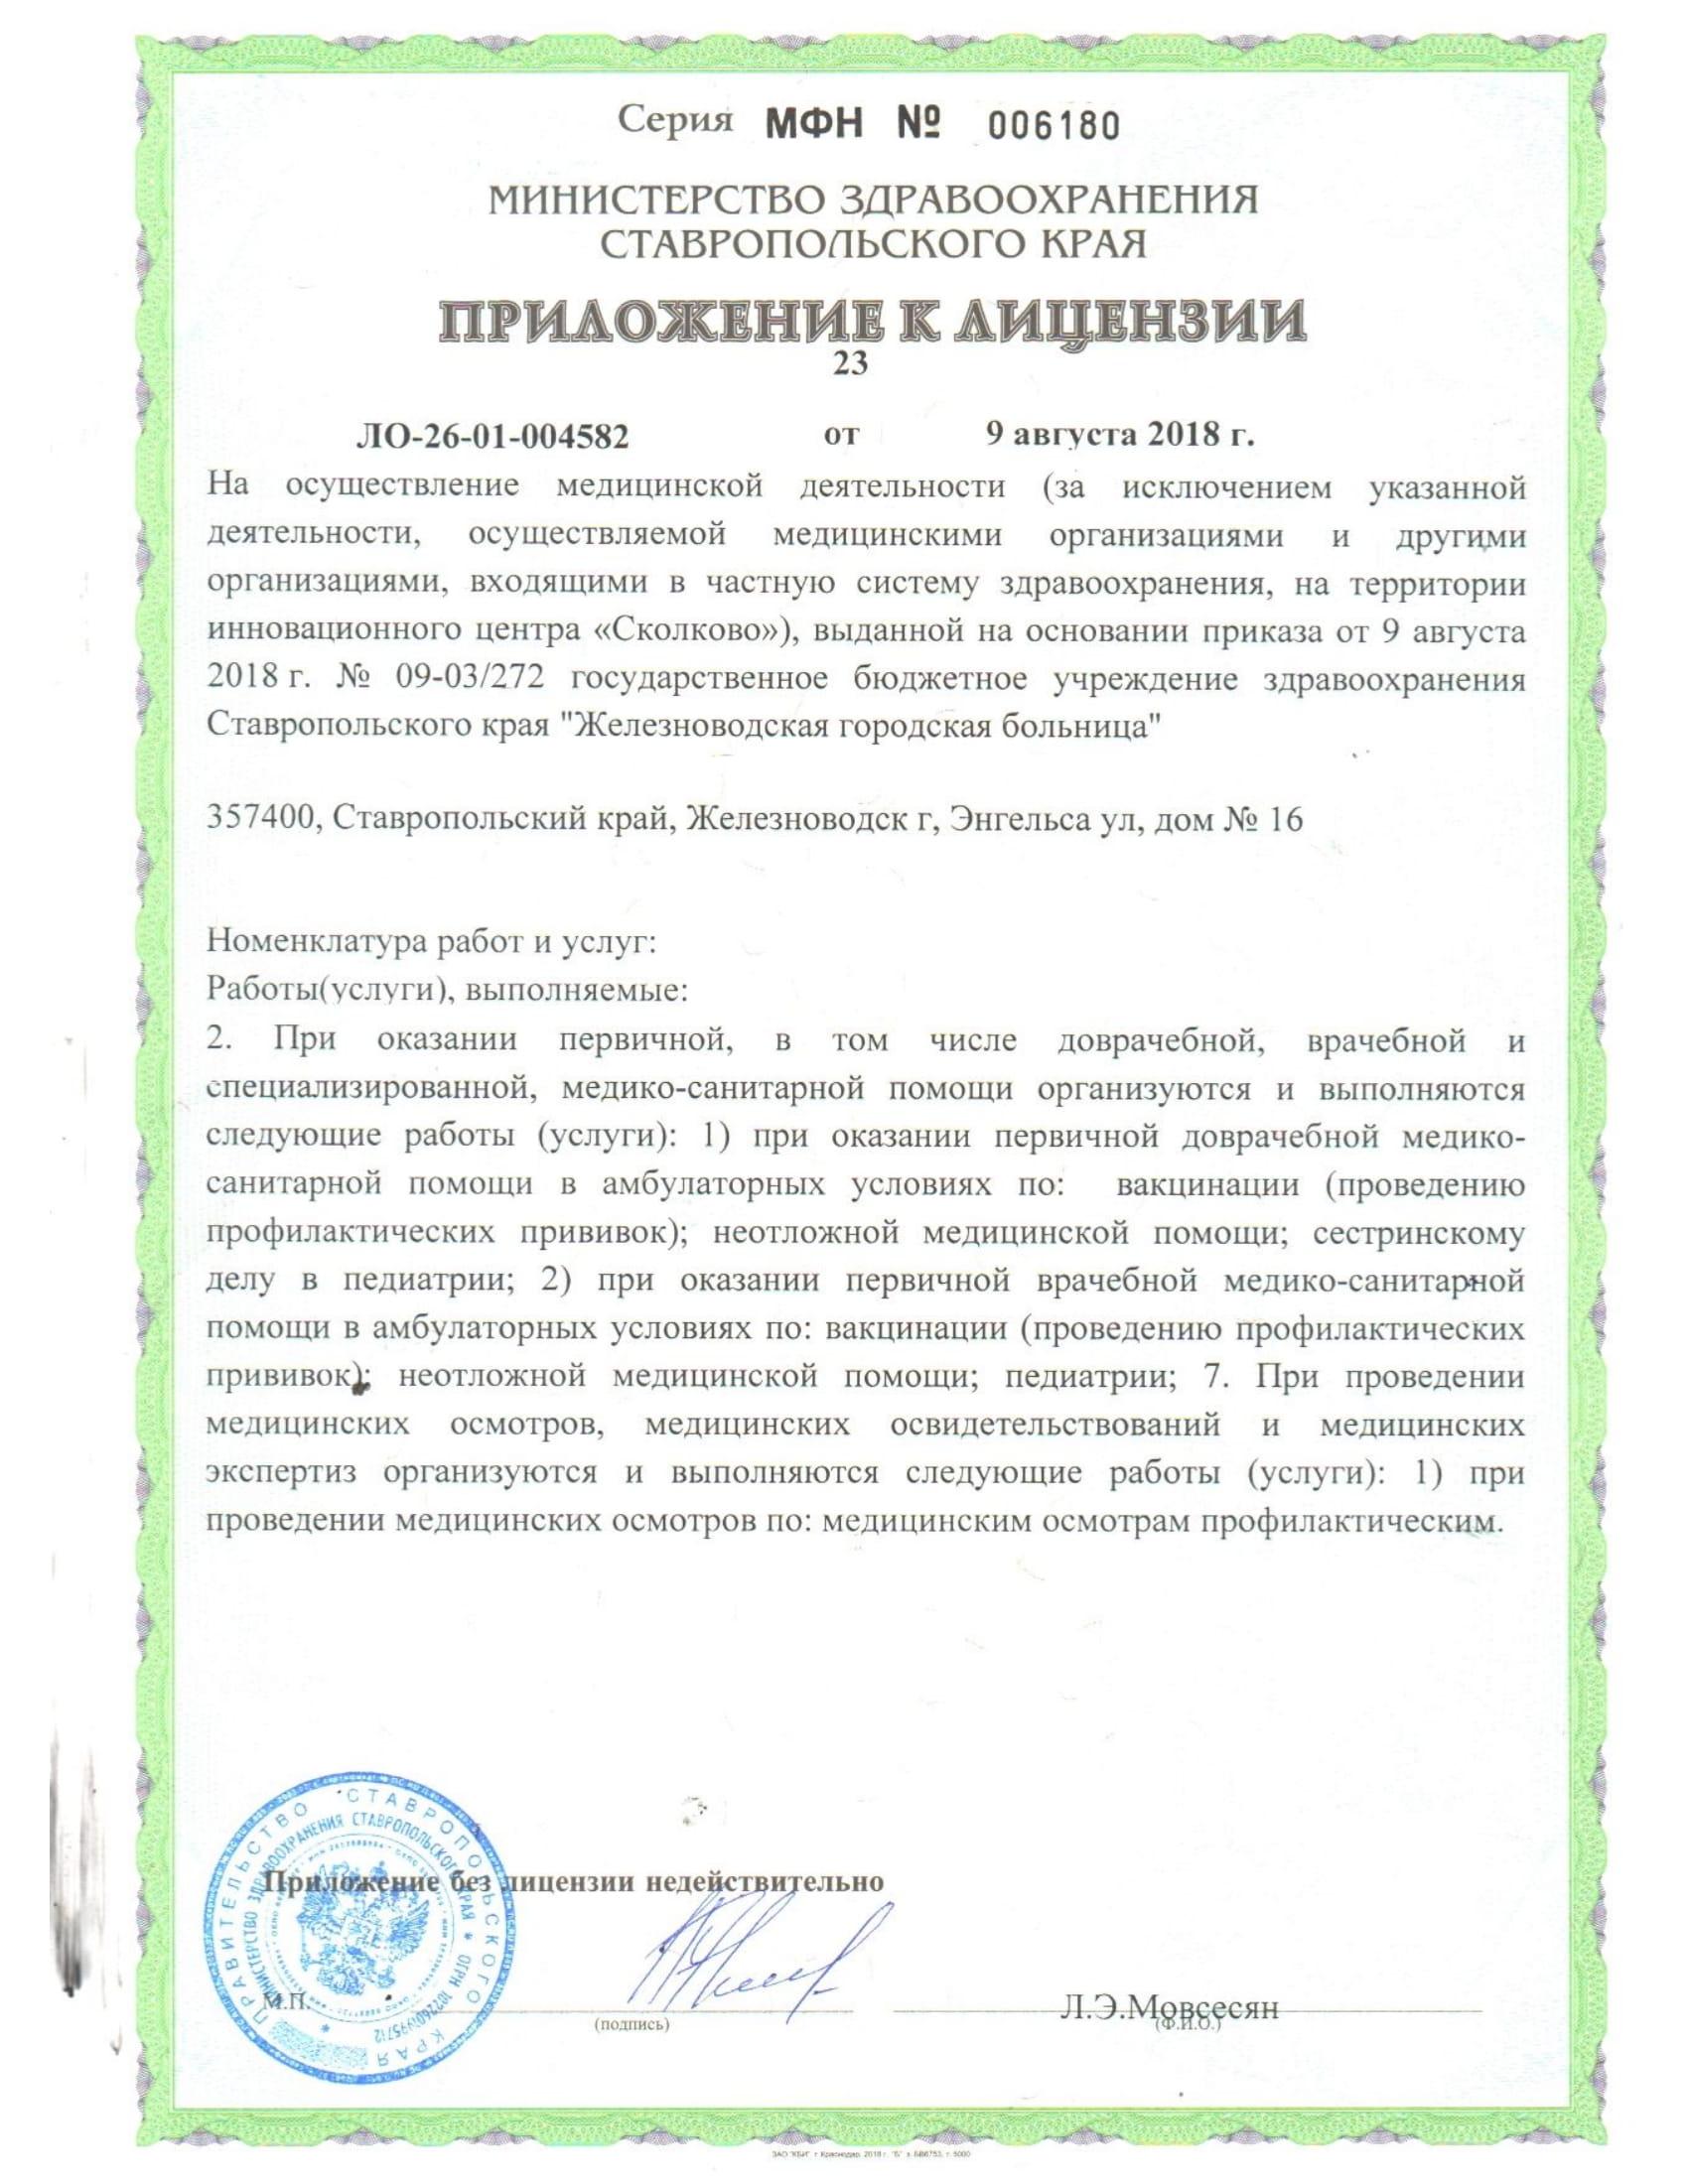 лицензия 2018 от 09.08.2018-30